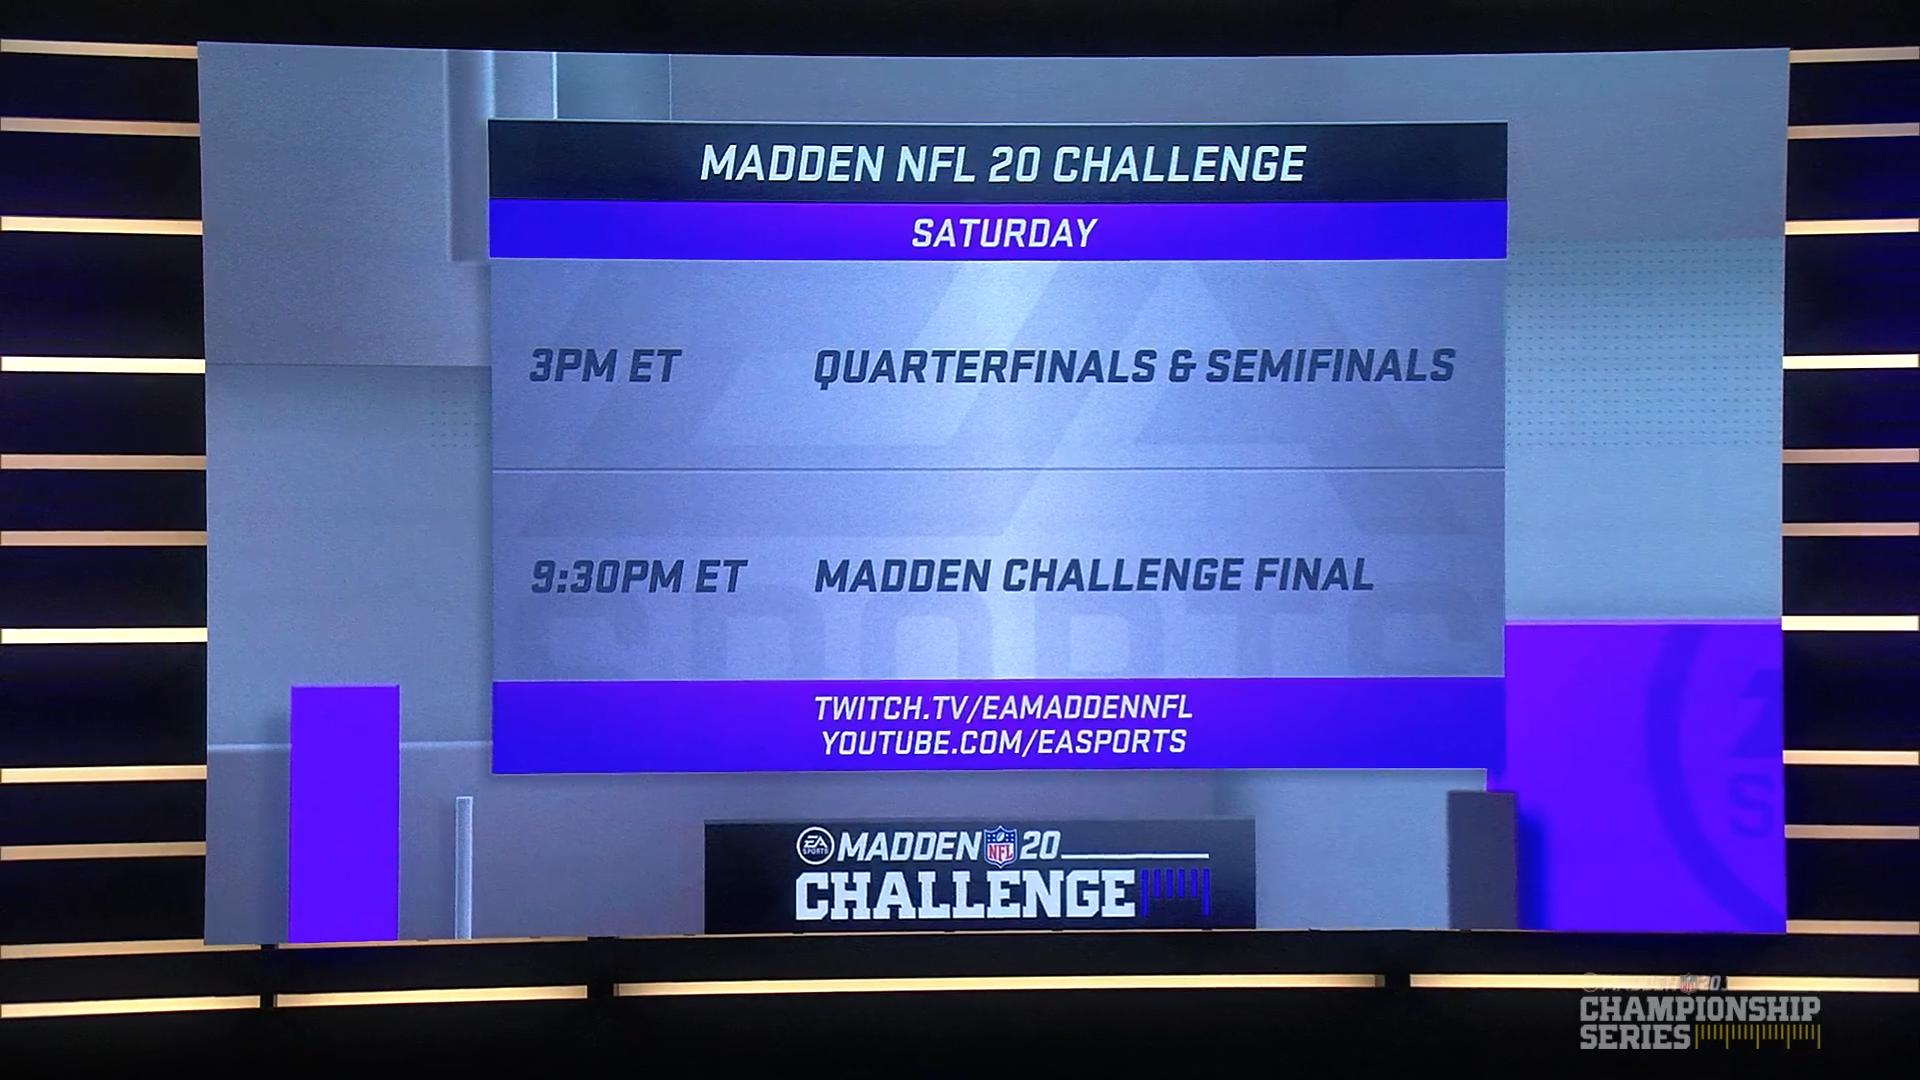 mcs-challenge-schedule.png